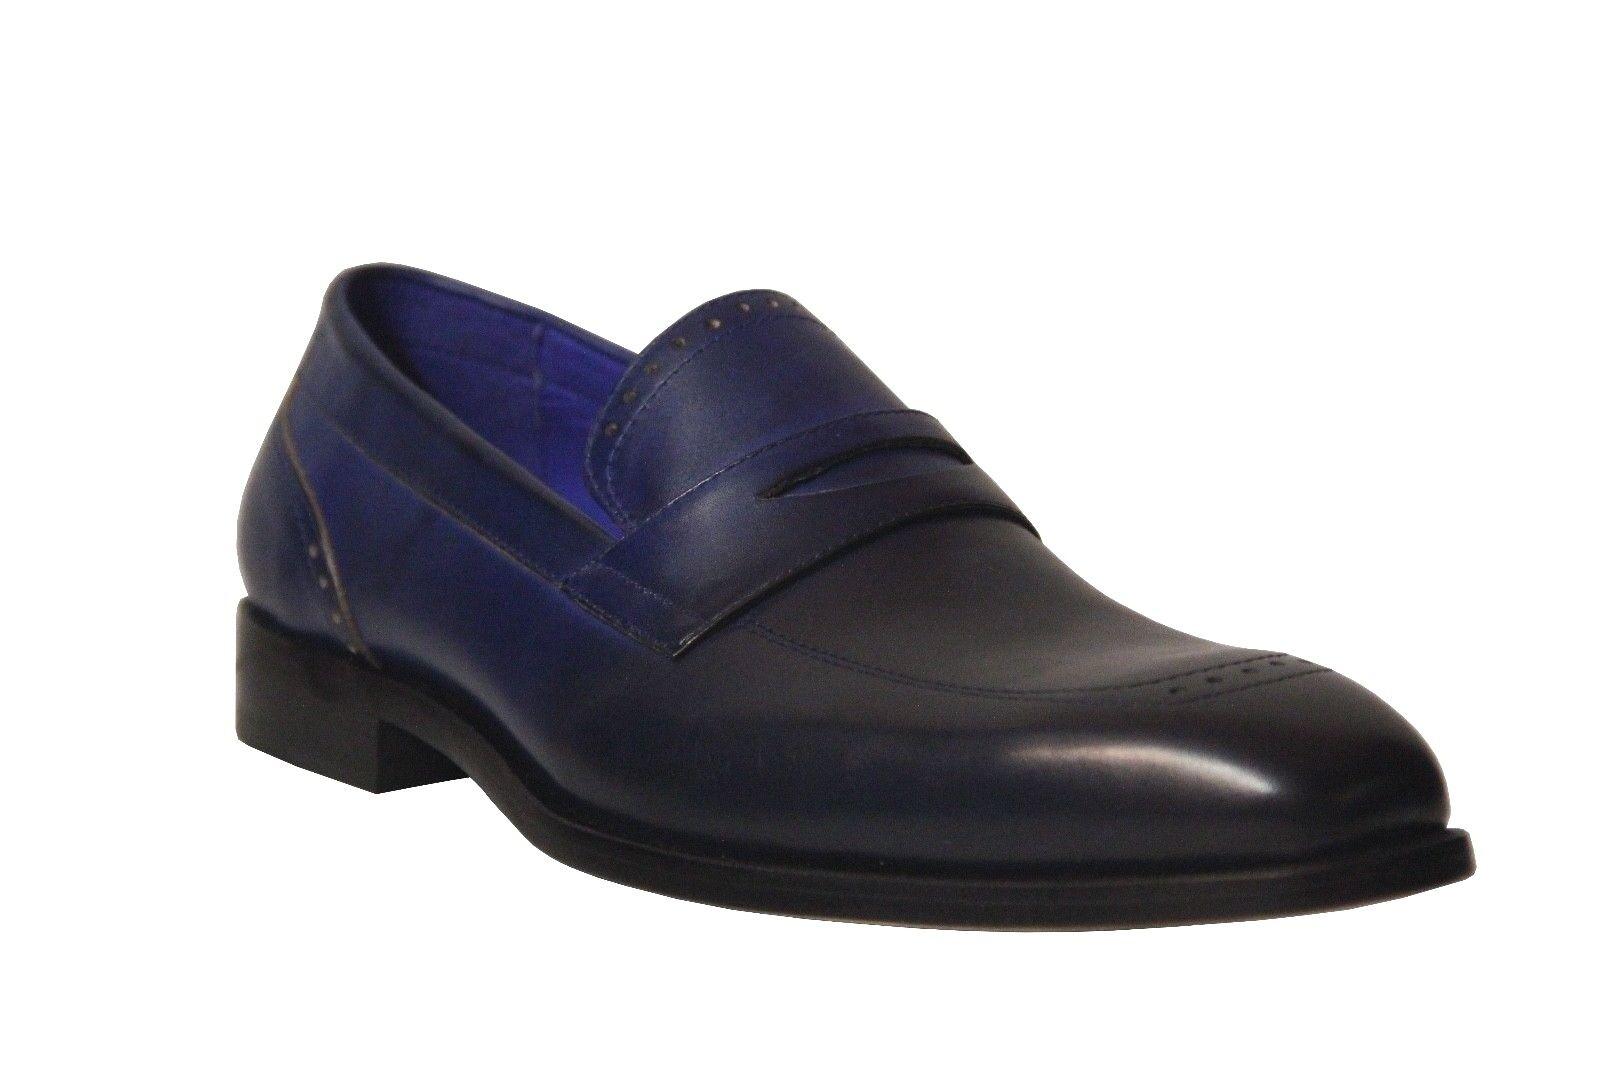 marchio in liquidazione Steven Land Uomo Imperial blu Genuine Genuine Genuine Leather Slip On Dress scarpe SL0016  negozio di sconto